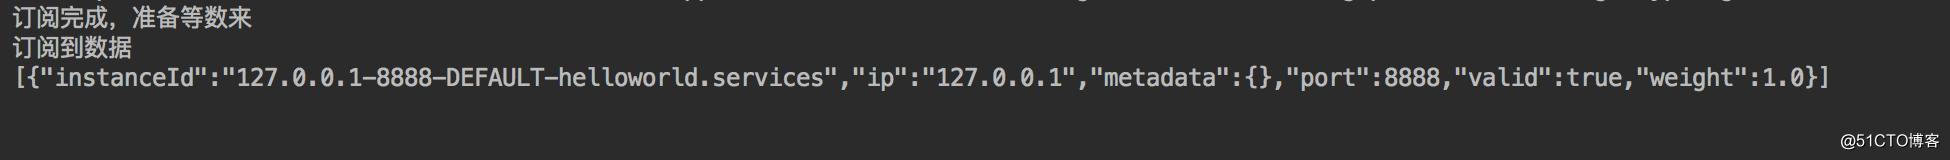 深入浅出高性能服务发现、配置框架Nacos系列 1: HelloWorld